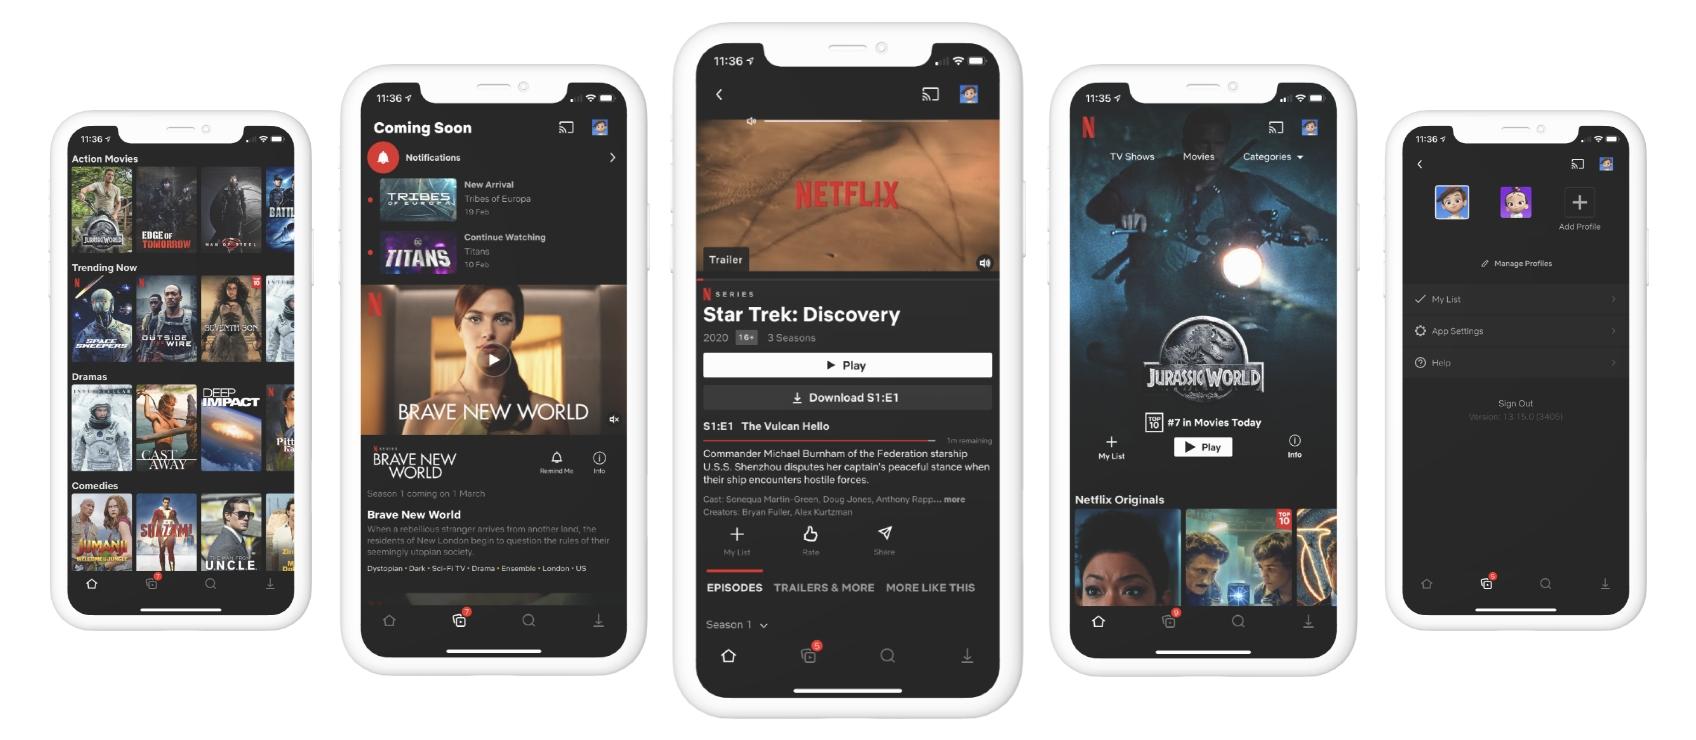 Screenshots of the Netflix App